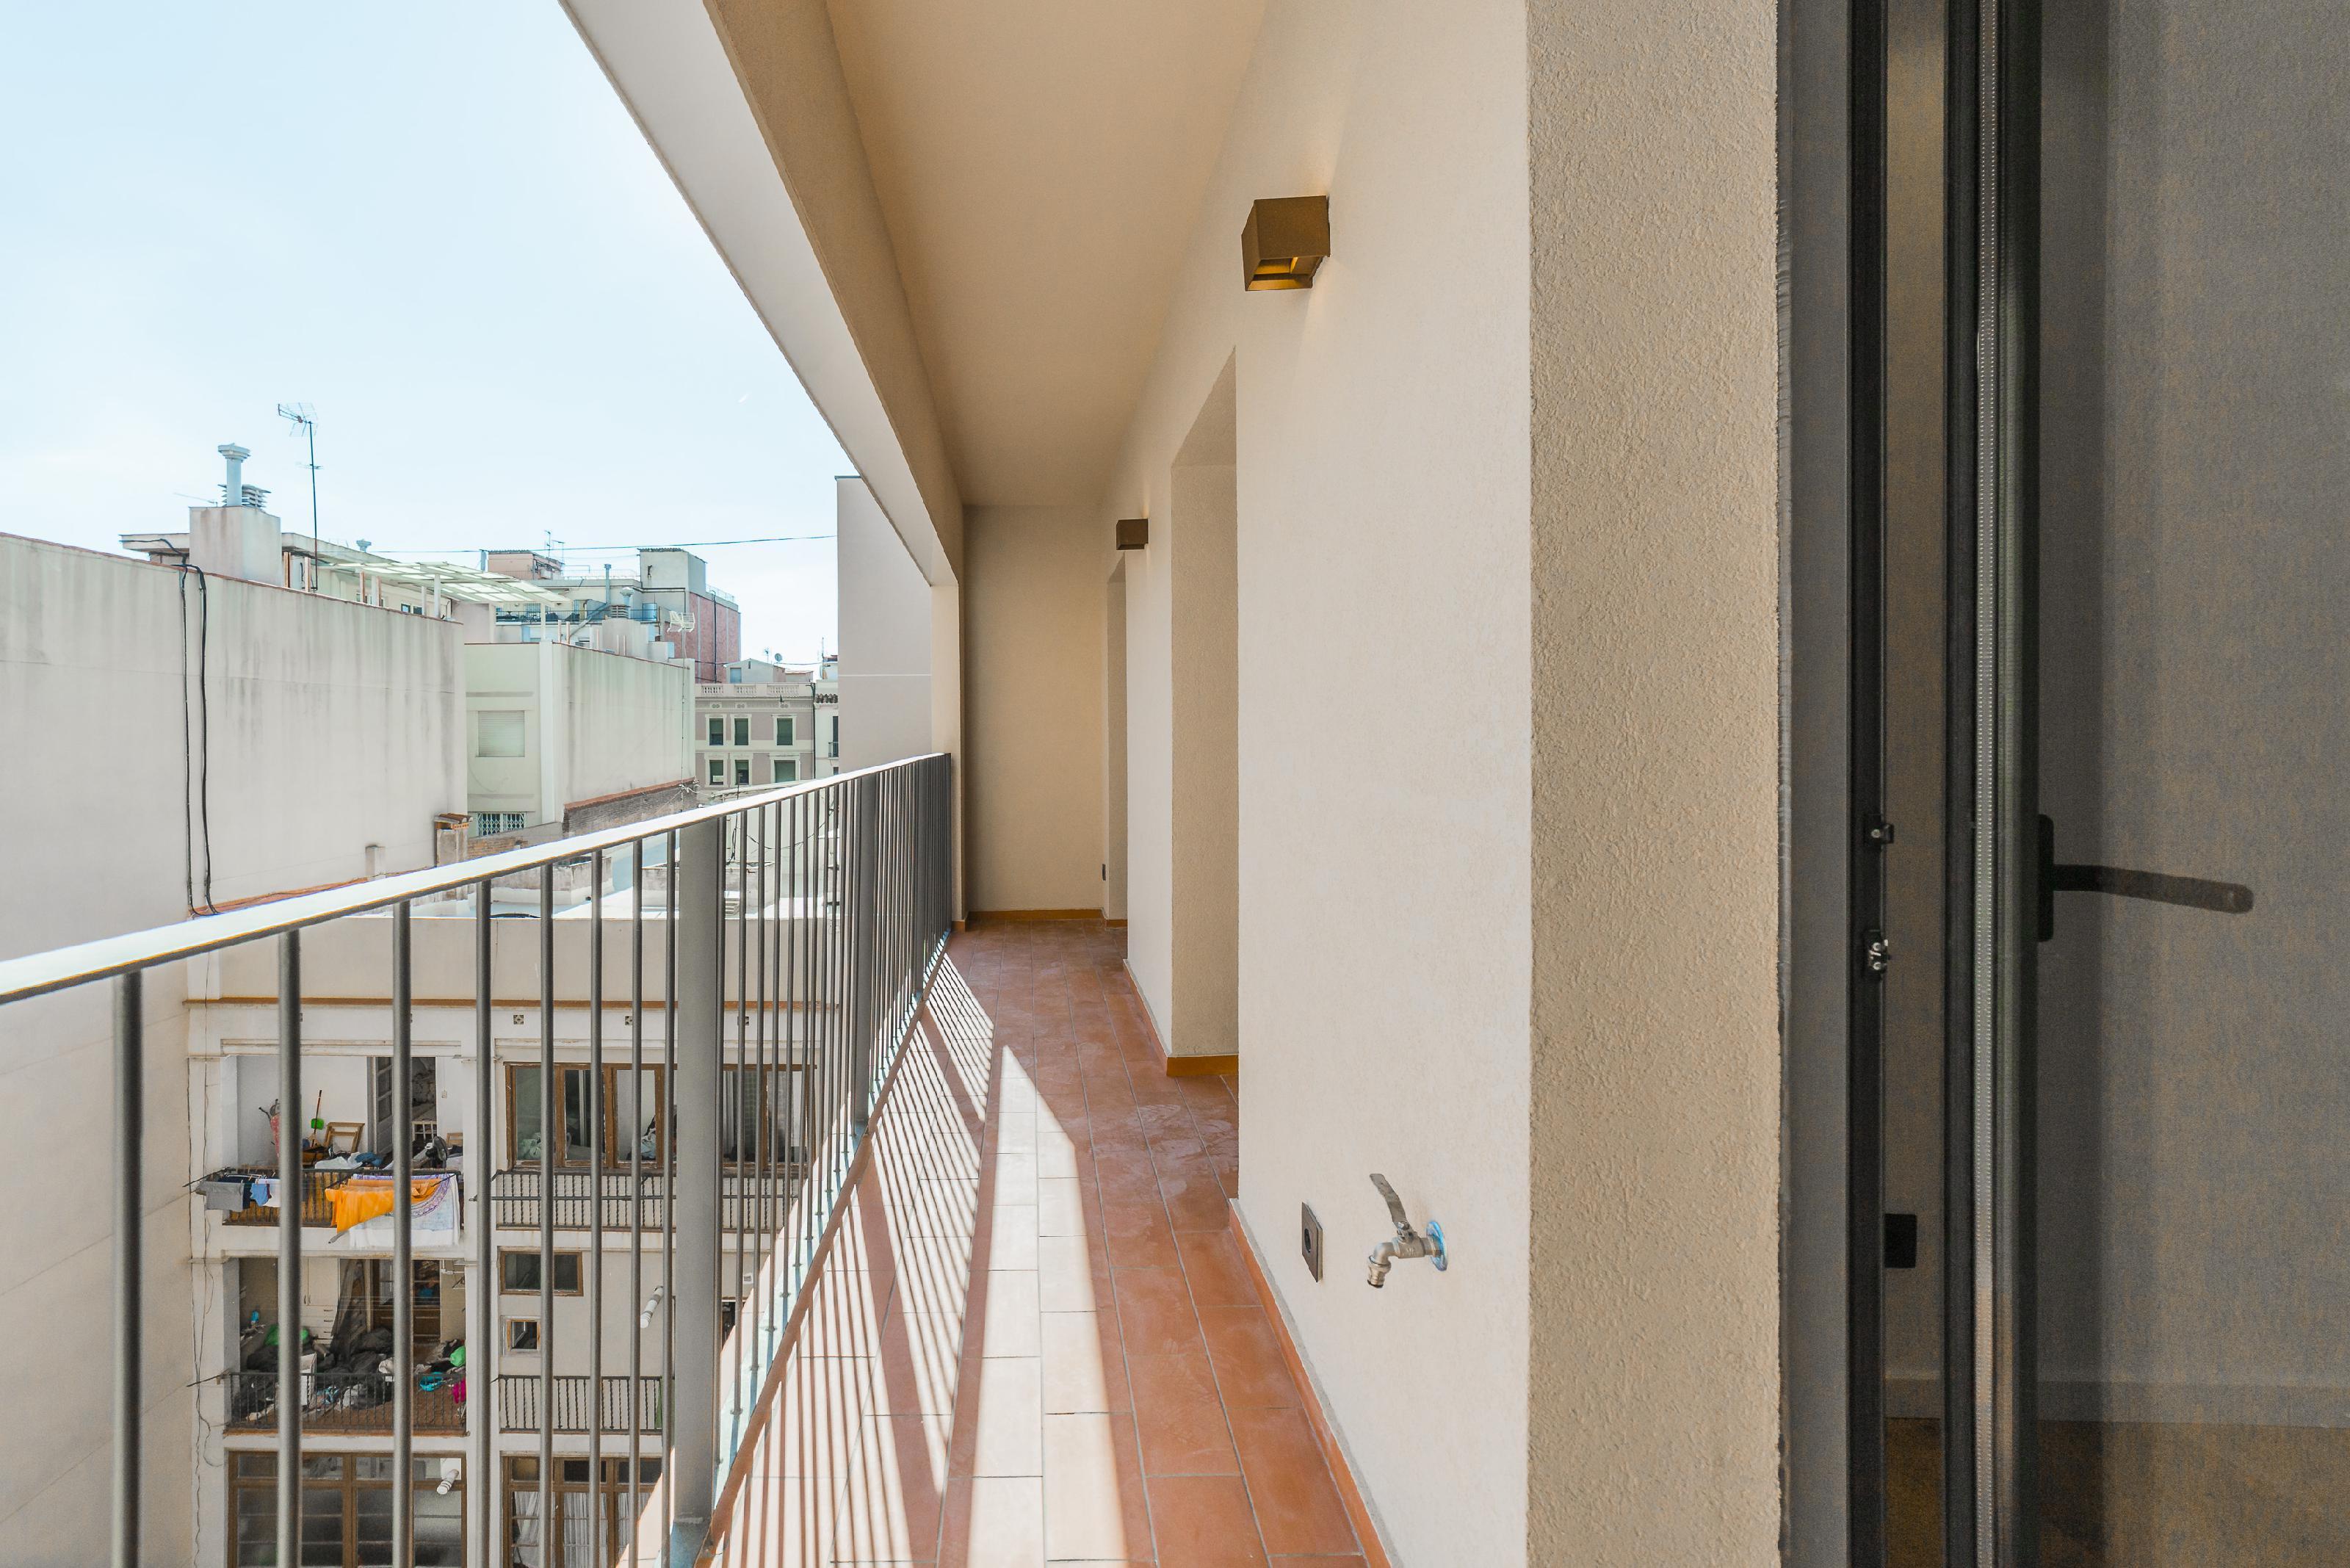 251949 Apartment for sale in Eixample, Antiga Esquerre Eixample 24